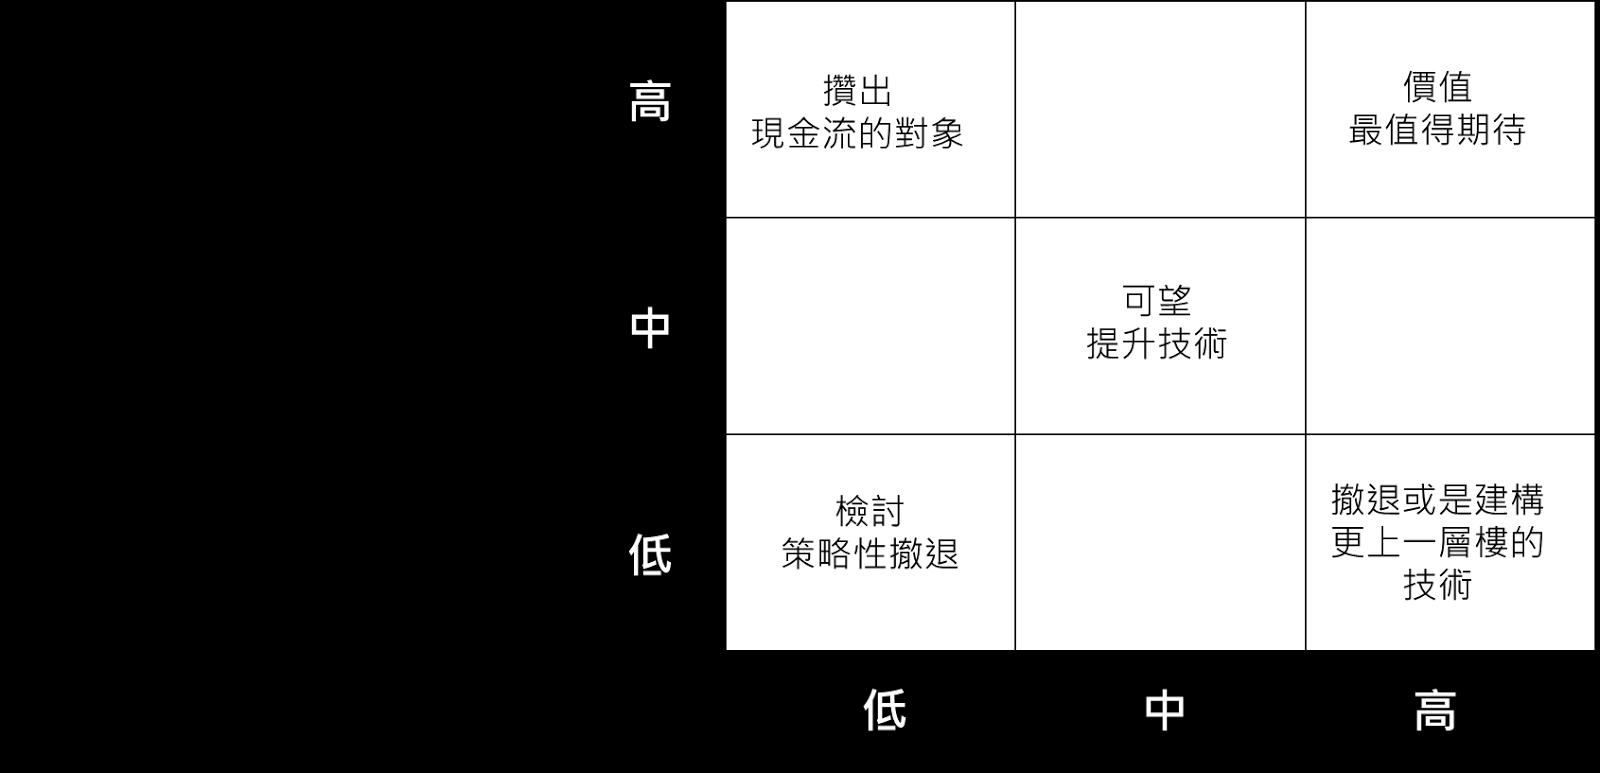 Terence Chen 陳昇祐: 麥肯錫問題分析與解決技巧